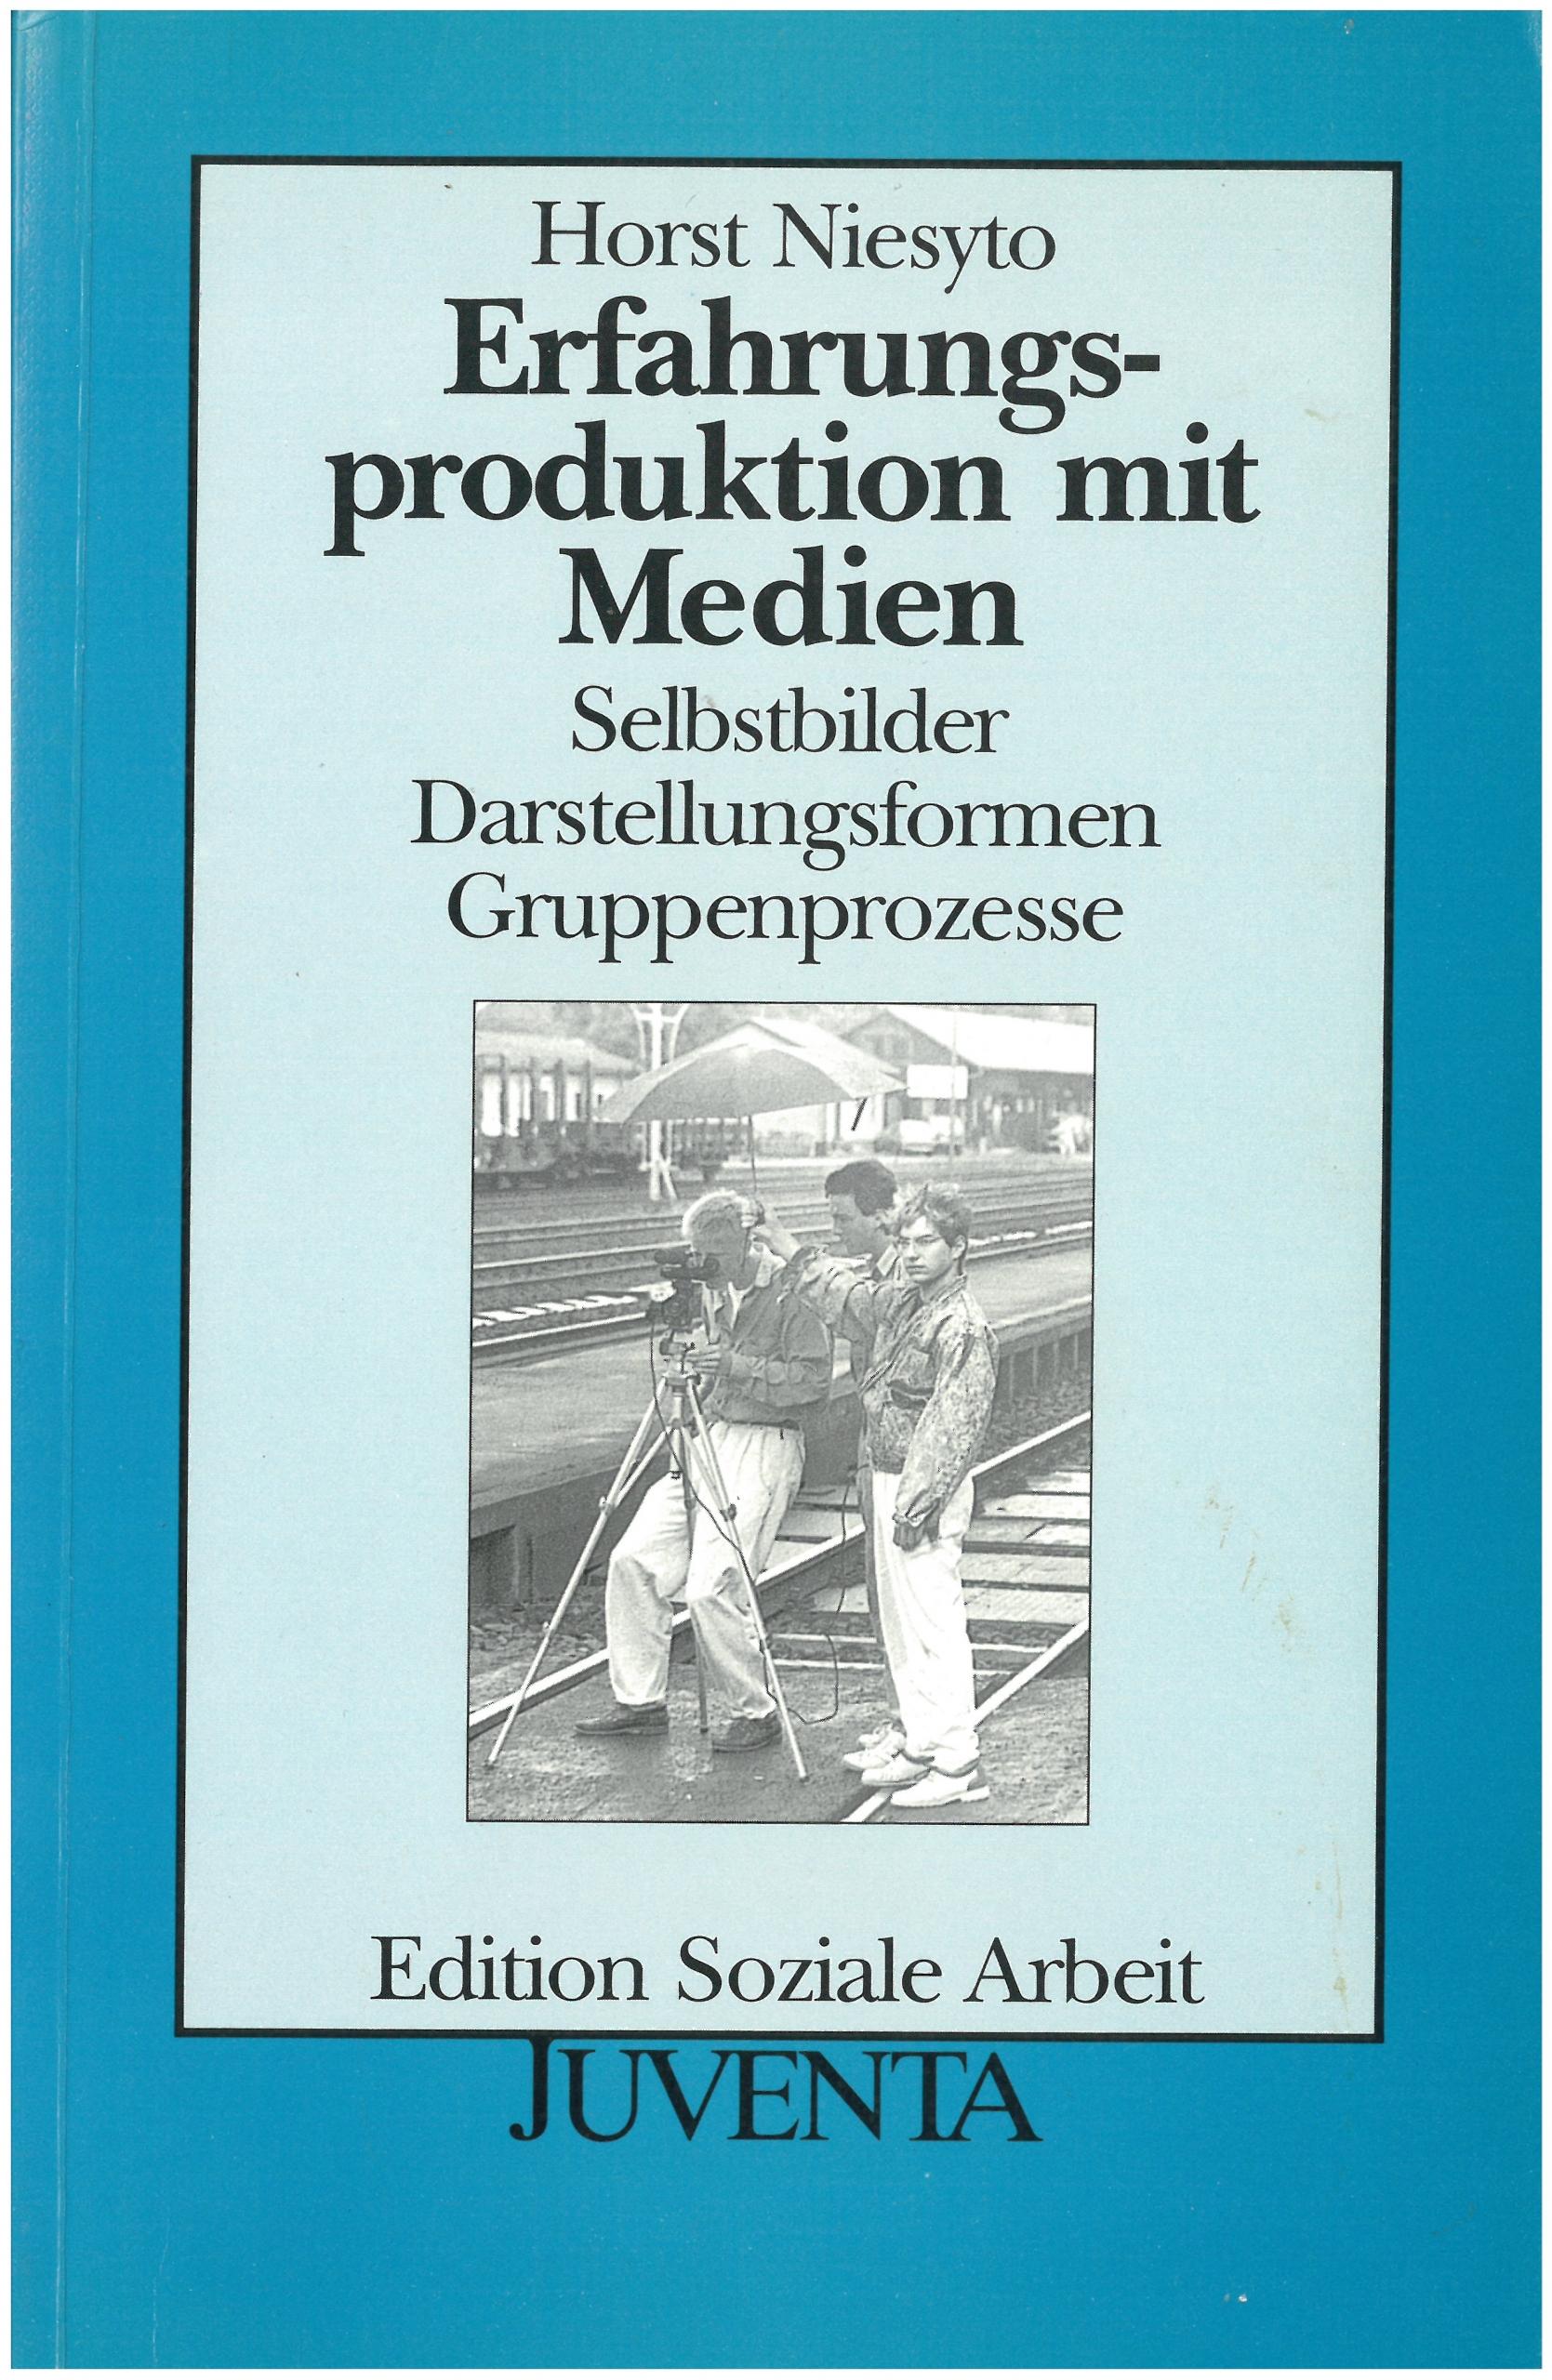 Horst Niesyto (1991) Erfahrungsproduktion mit Medien